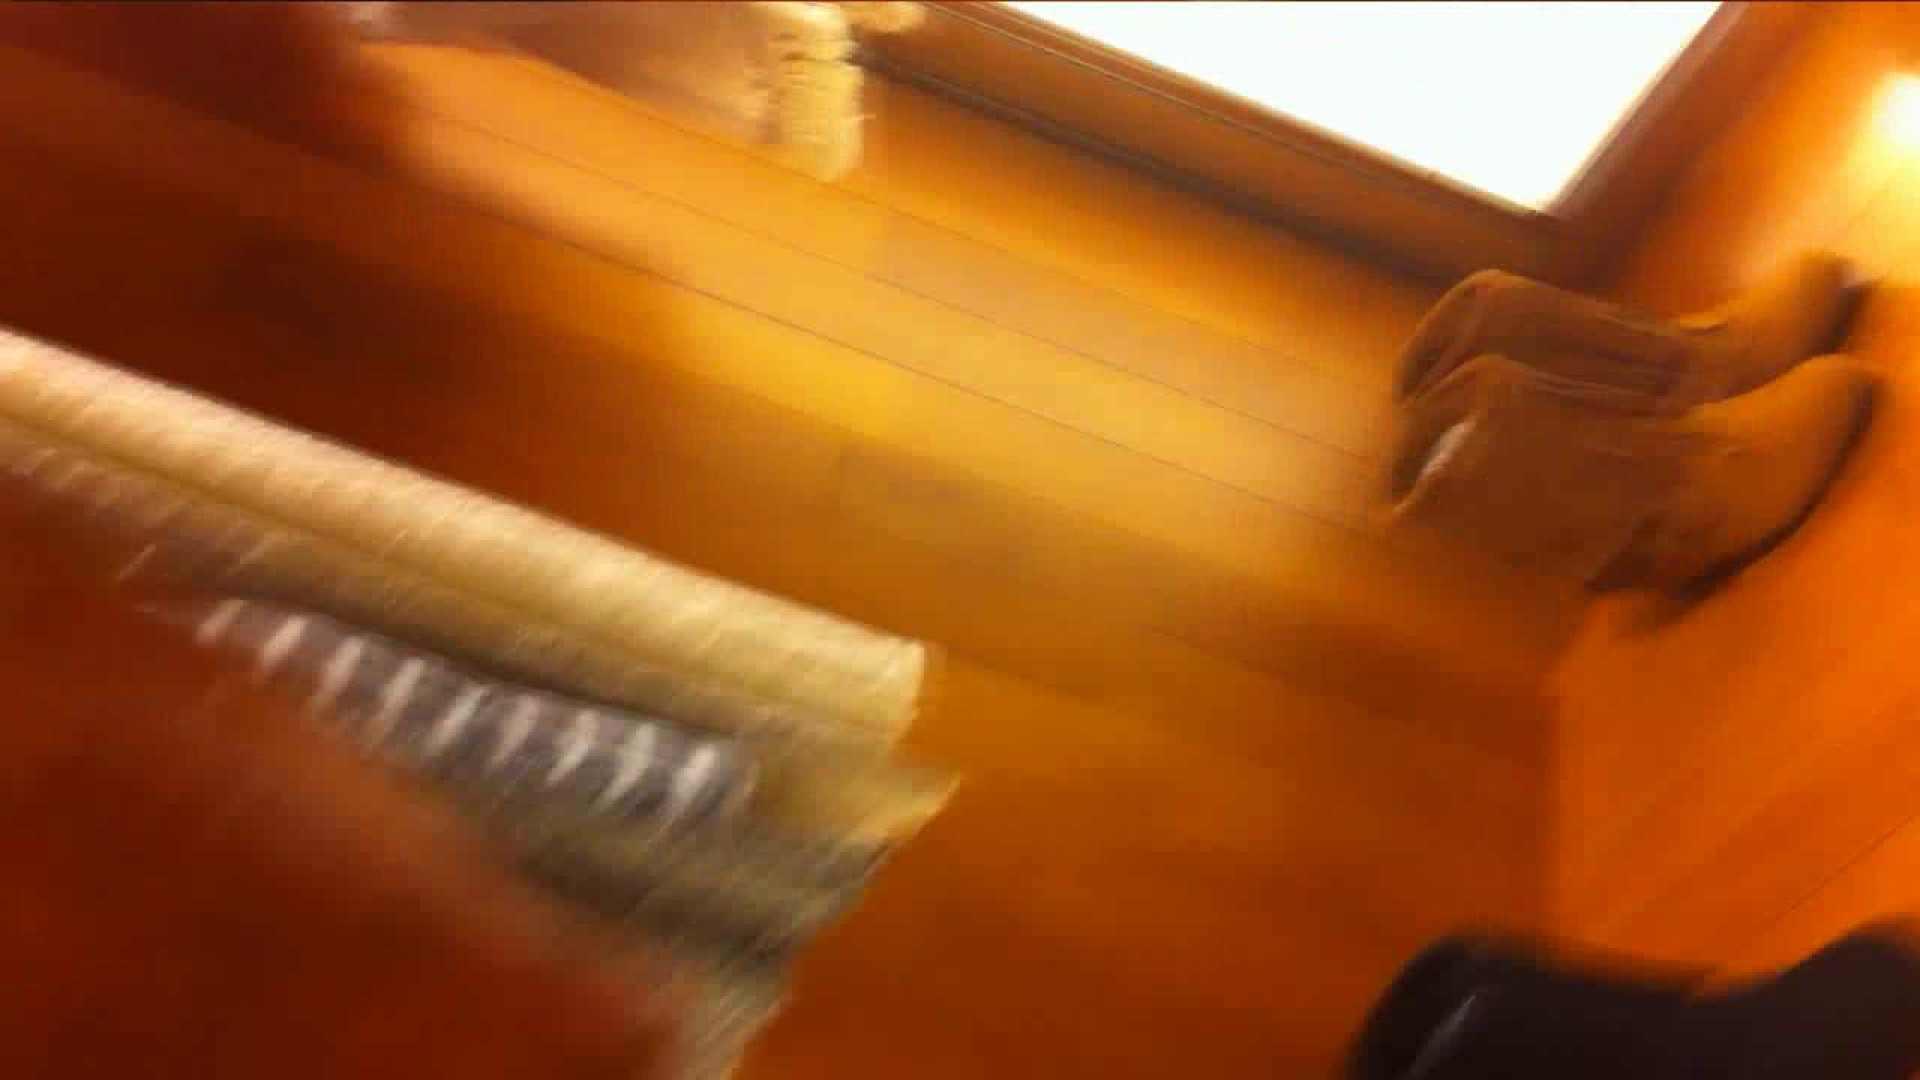 可愛いカリスマ店員限定‼胸チラ&パンチラ vol.18 胸チラ 盗撮われめAV動画紹介 111画像 39